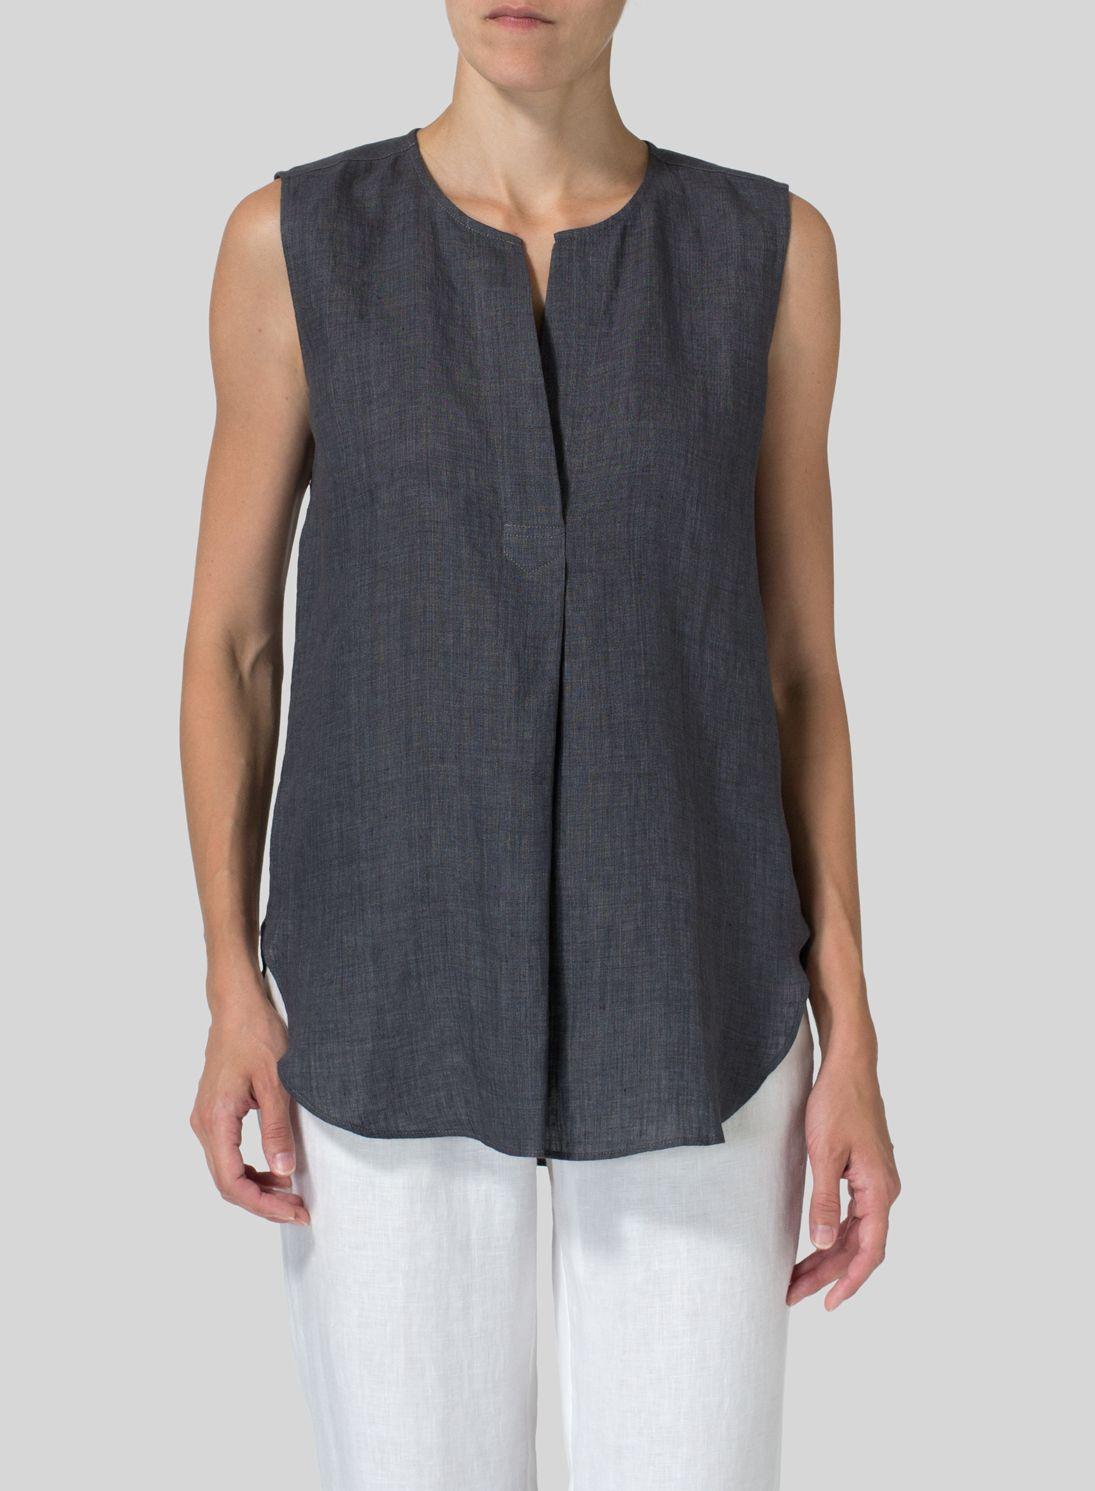 fa4e3202 Linen Surplice V-Neck Blouse | Dream Wardrobe: Tops and Covers in ...